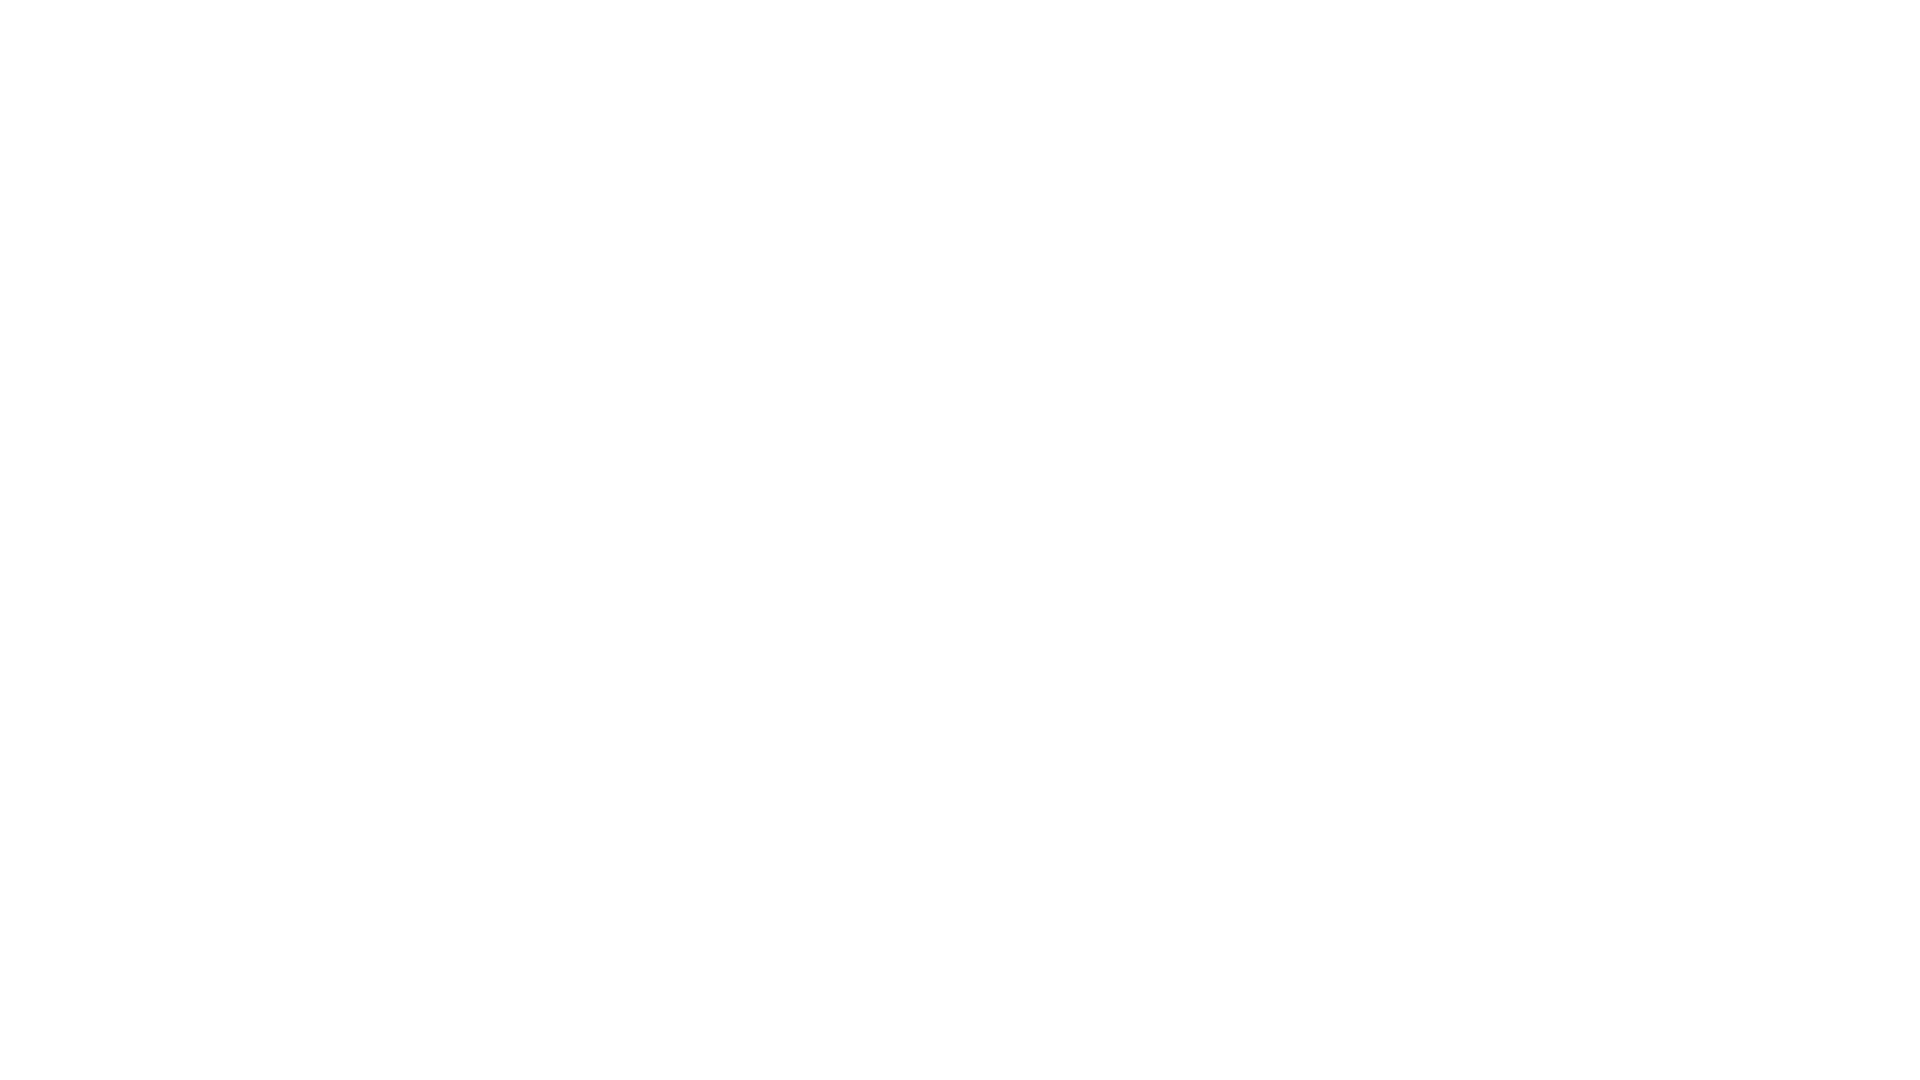 גיטרות מרטינז